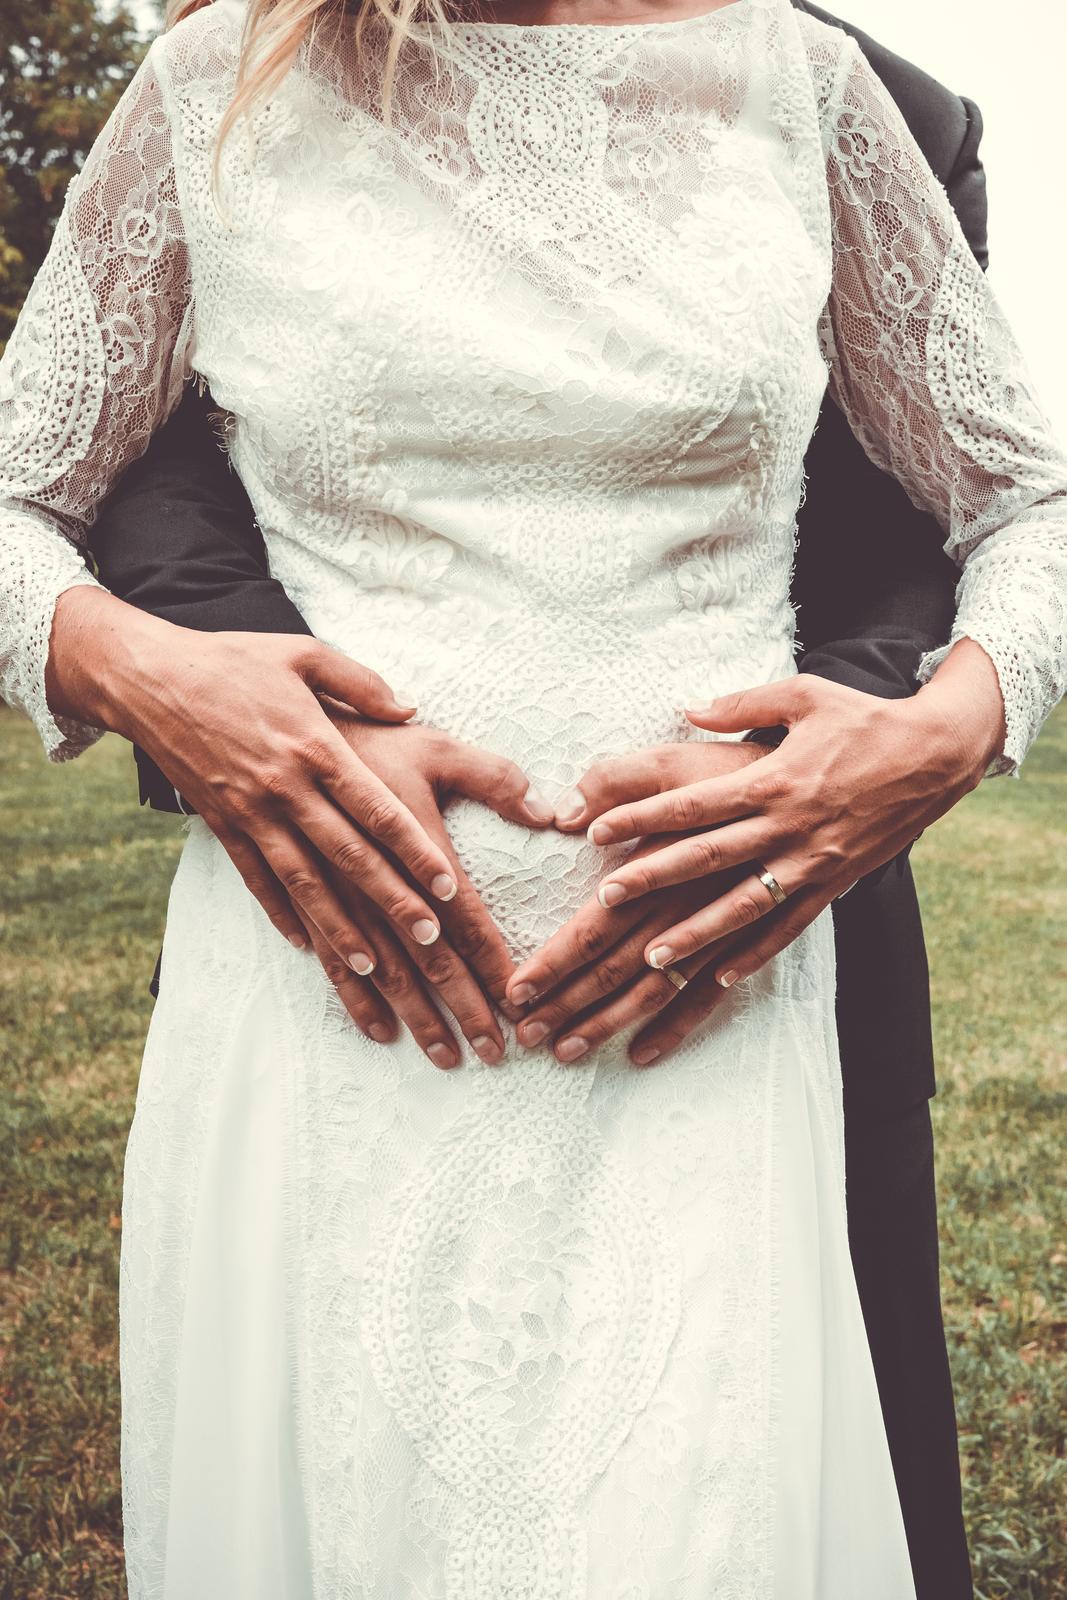 svatební šaty boho styl - Obrázek č. 1